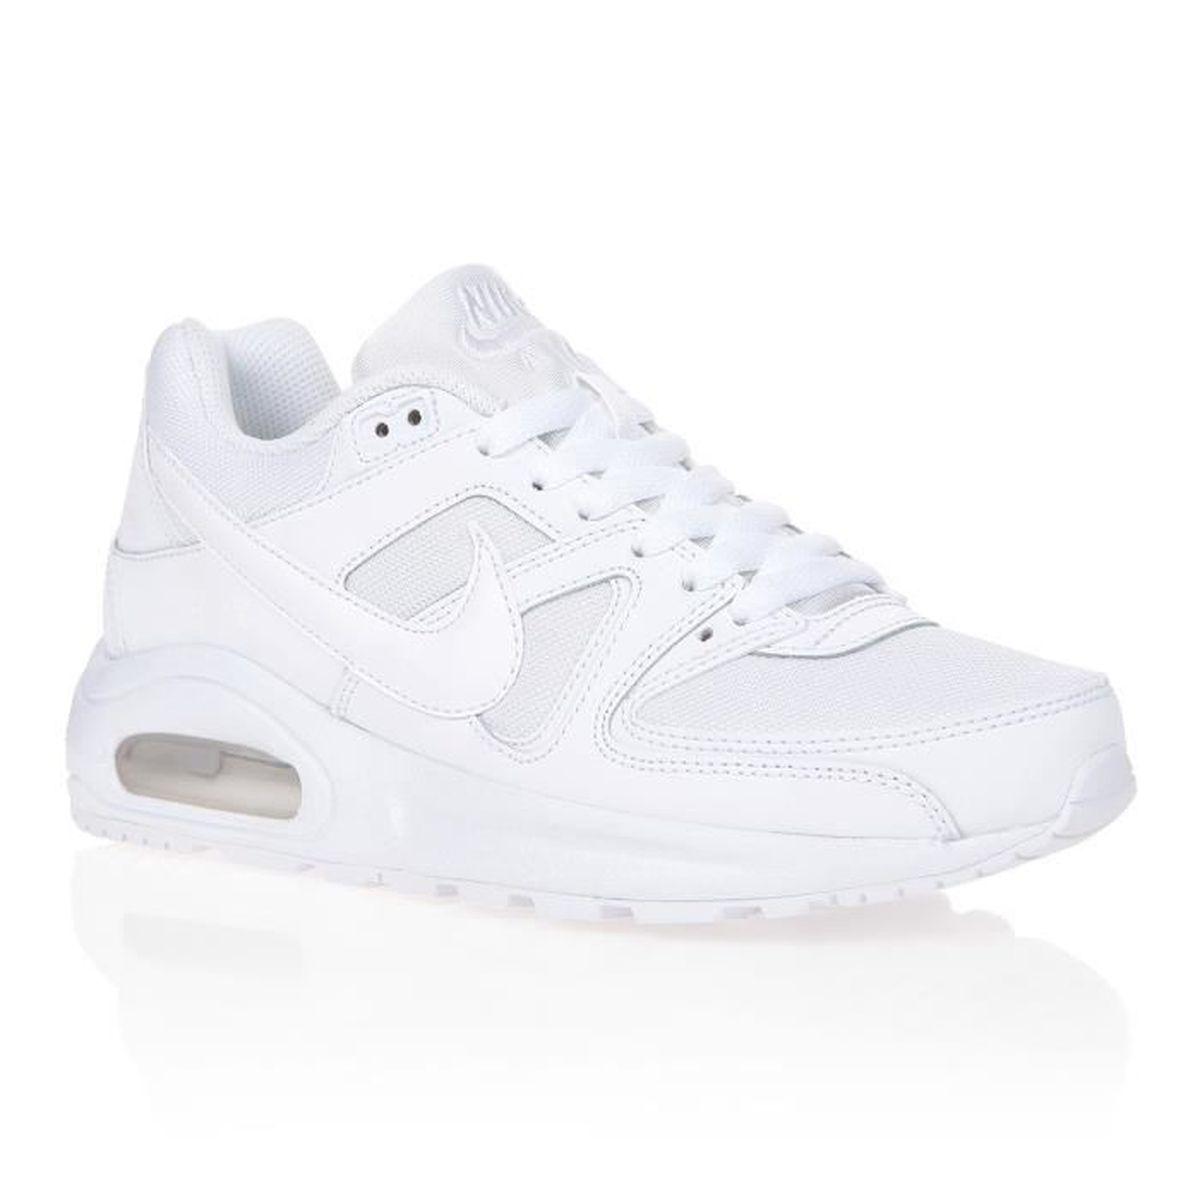 reputable site f17cc 2734e Enfant Garçon Command Air Blanc Nike Chaussures Flex Baskets Max 6YqFp